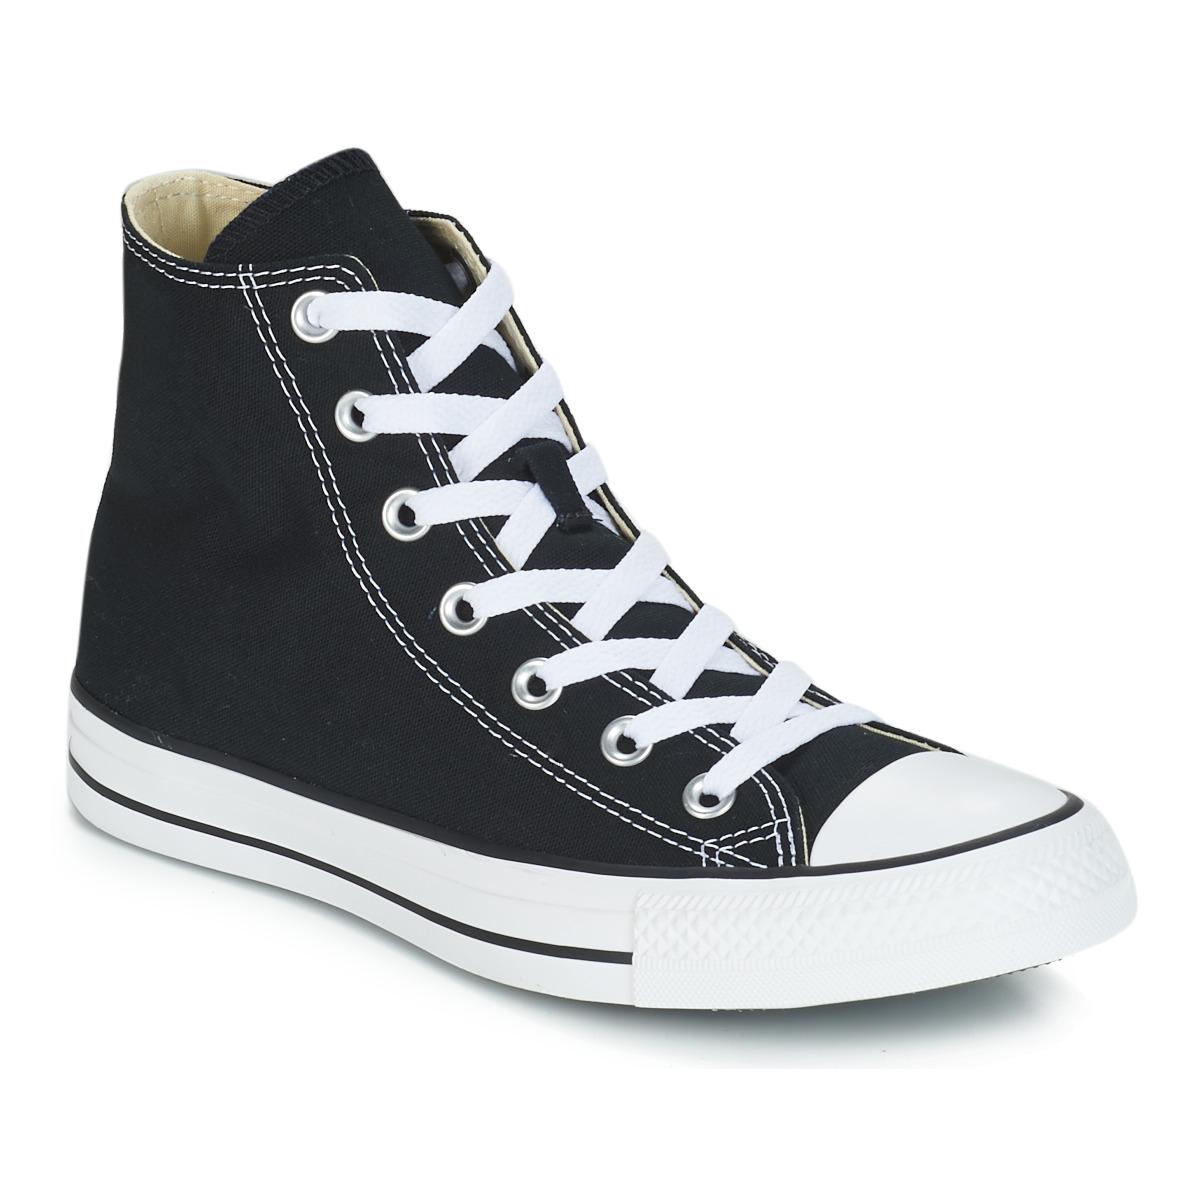 11a87b6aab891 Zapatos Zapatillas altas Converse CHUCK TAYLOR ALL STAR CORE HI Negro